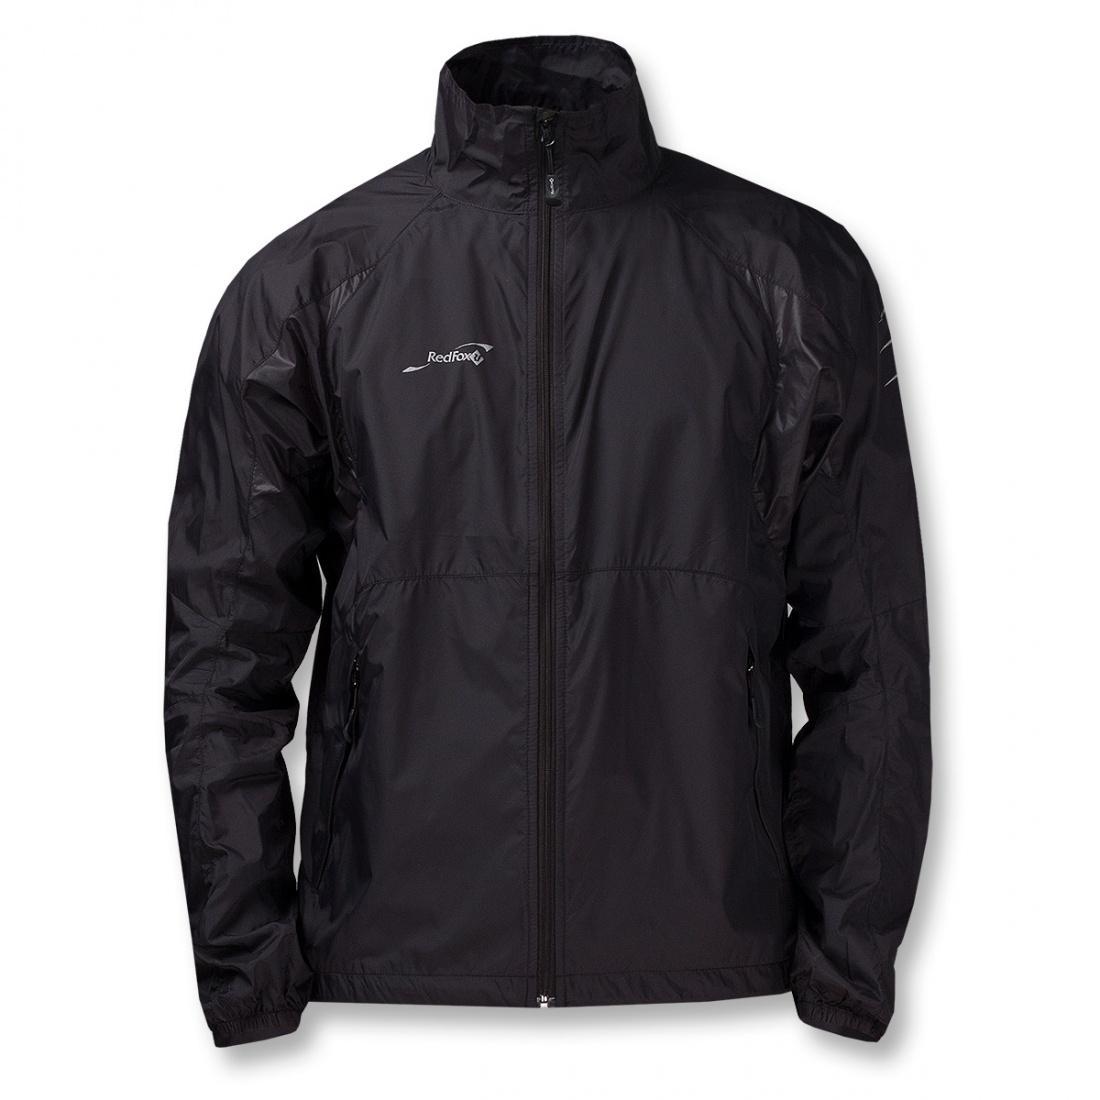 Куртка ветрозащитная Trek Light IIКуртки<br><br> Очень легкая куртка для мультиспортсменов. Отлично сочетает в себе функции защиты от ветра и максимальной свободы движений. Куртку мож...<br><br>Цвет: Черный<br>Размер: 42